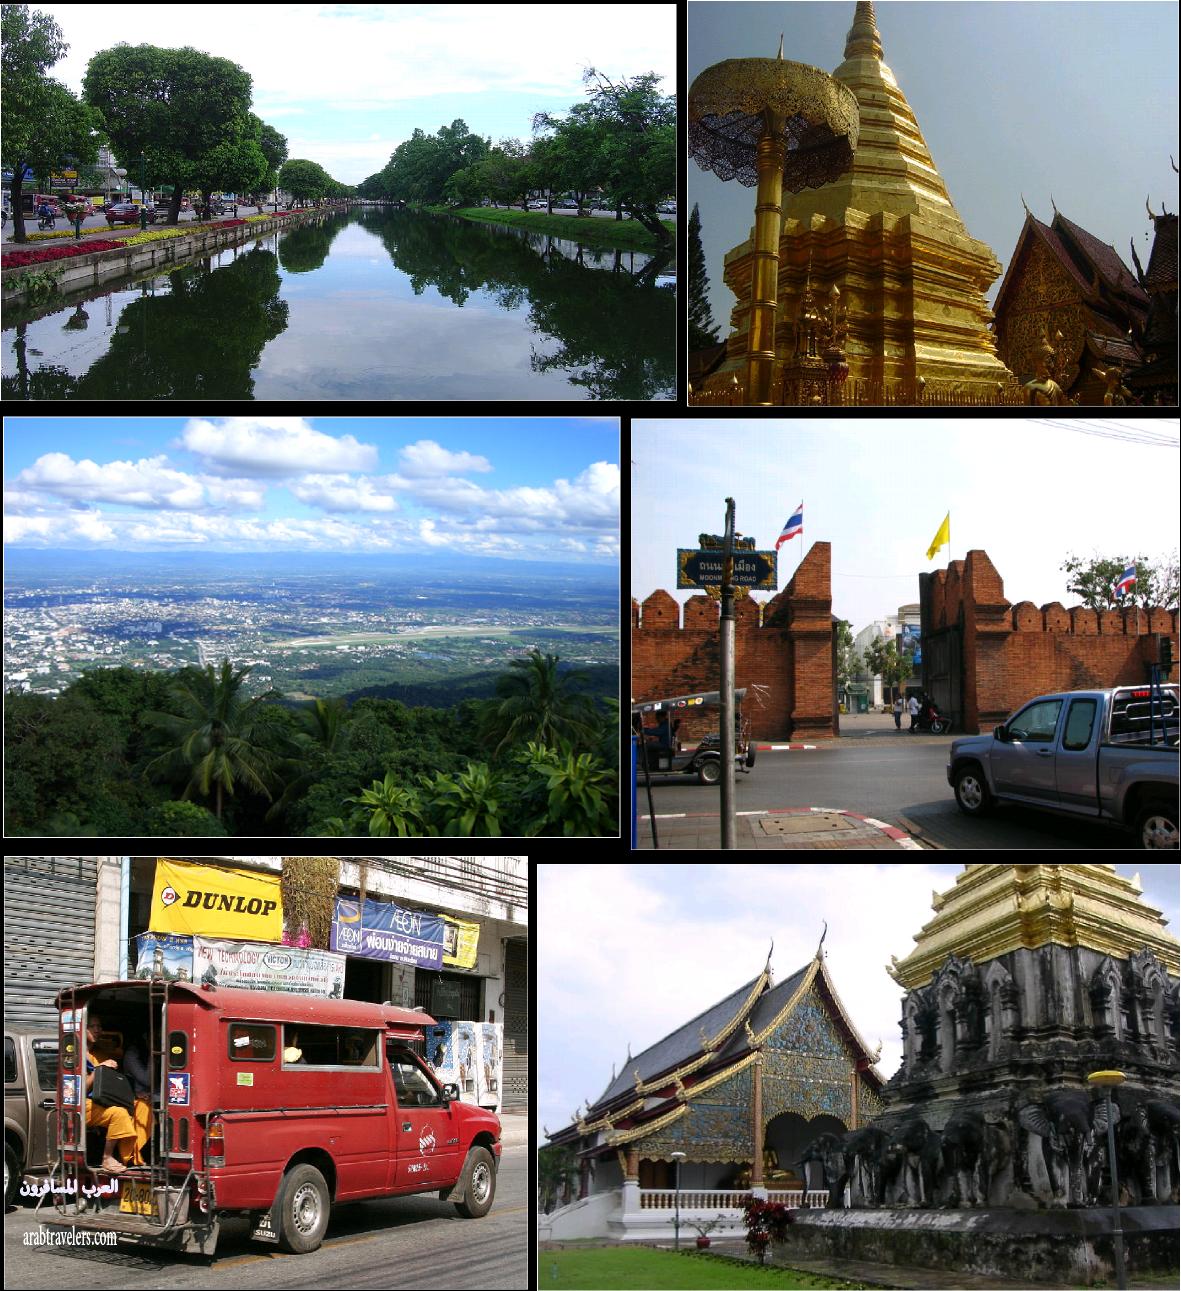 تقرير مصور عن عن مدينة تشيانج مي